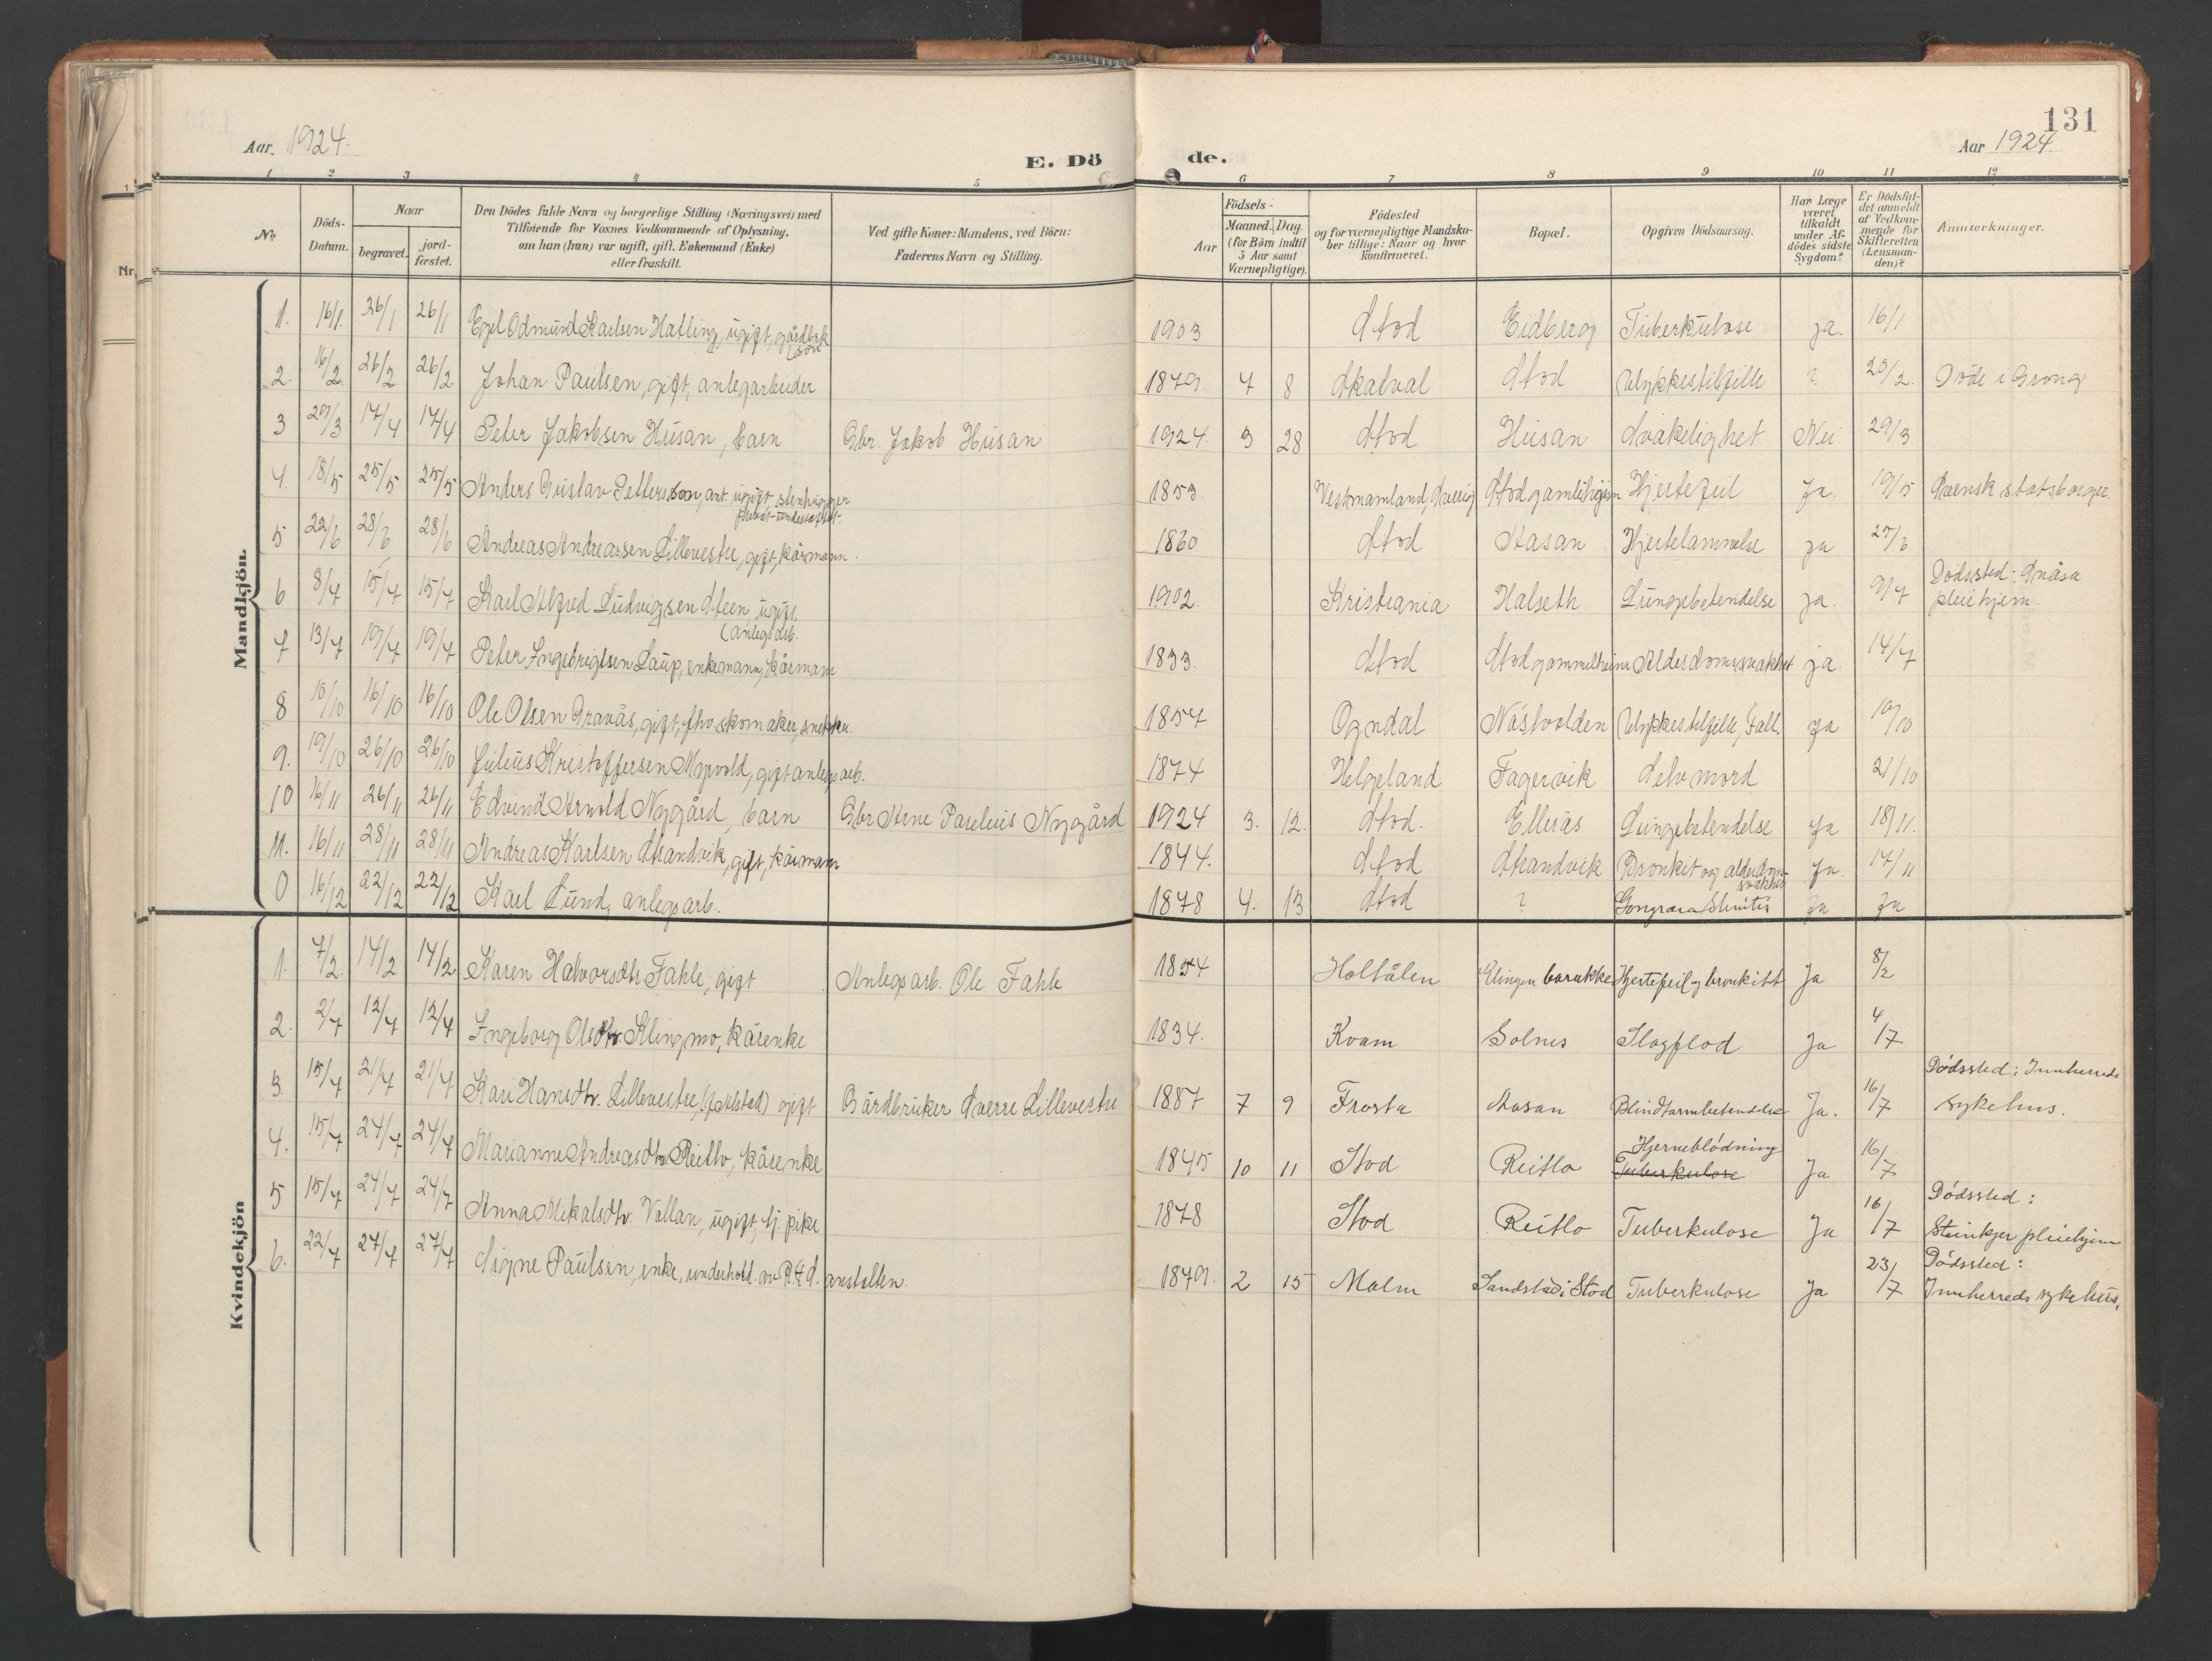 SAT, Ministerialprotokoller, klokkerbøker og fødselsregistre - Nord-Trøndelag, 746/L0455: Klokkerbok nr. 746C01, 1908-1933, s. 131